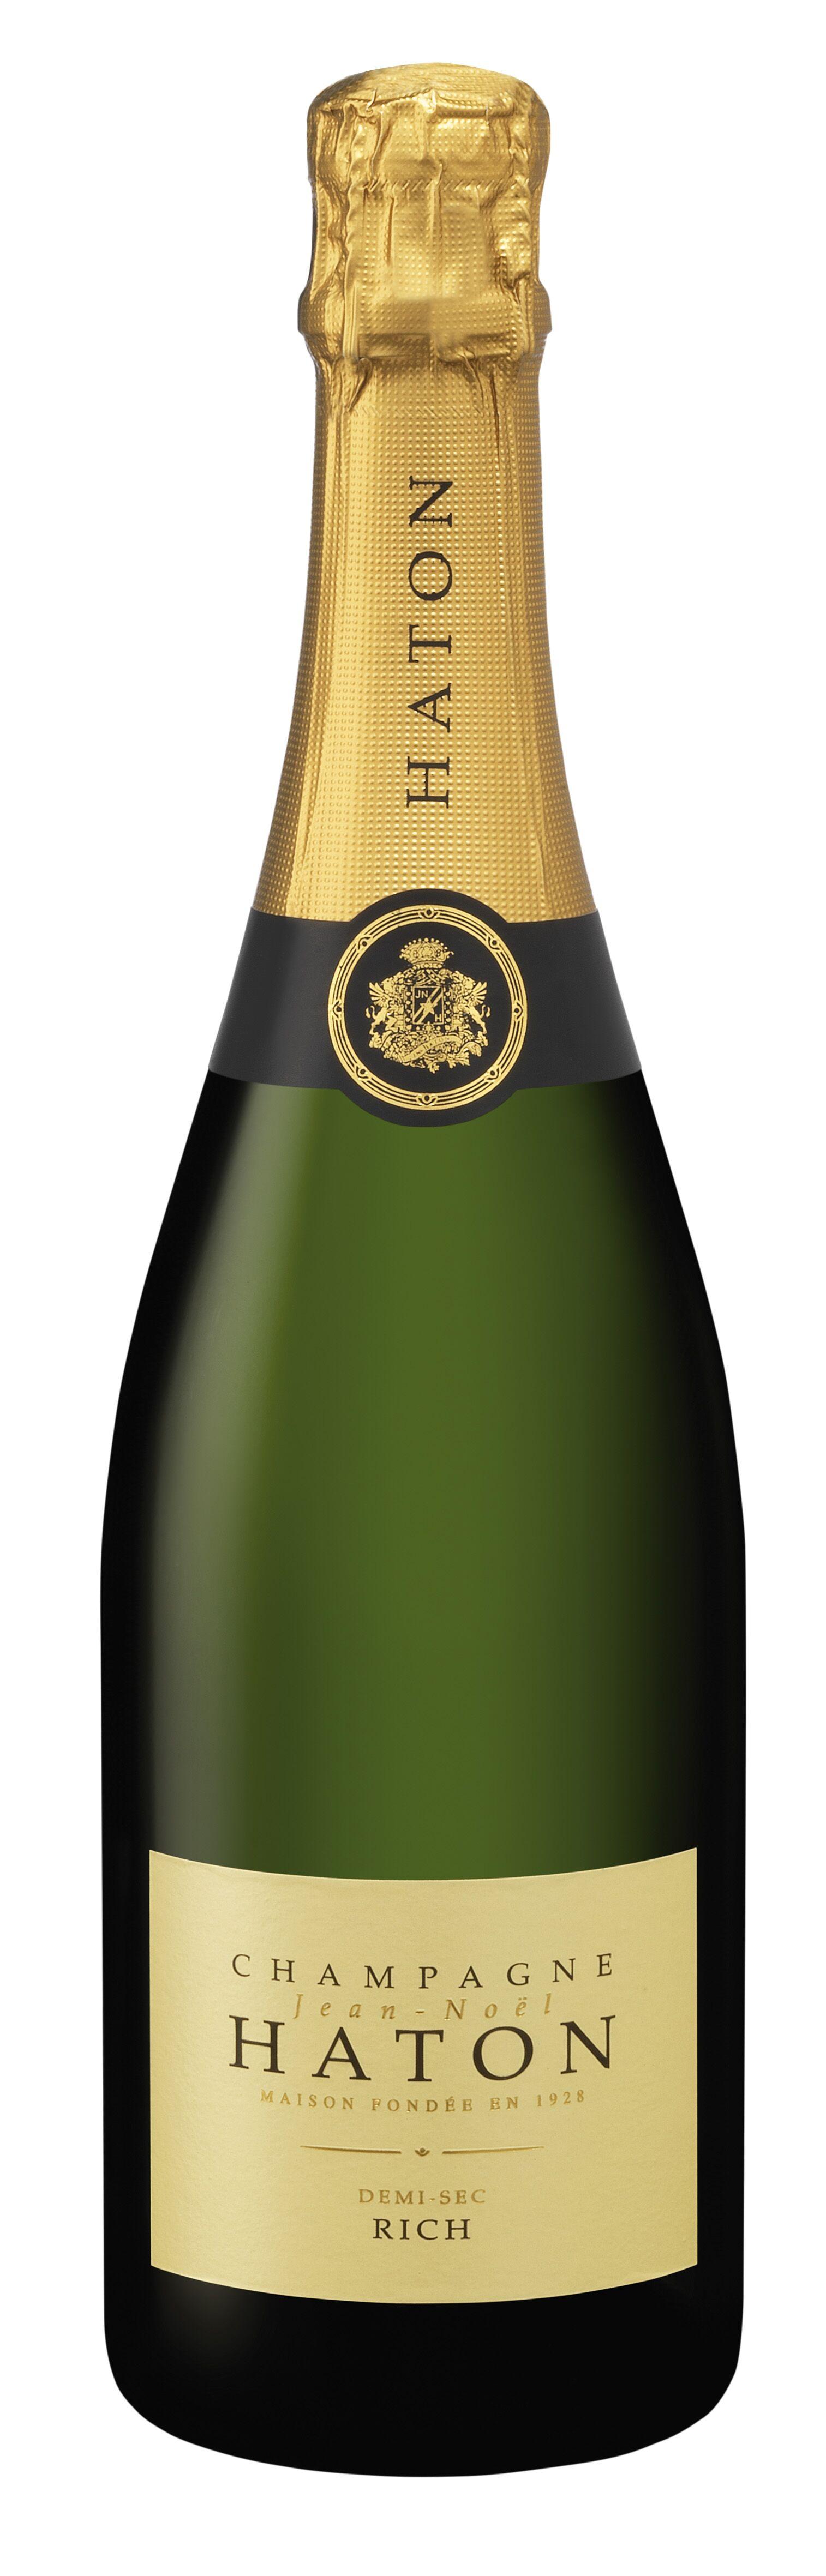 Bílé šumivé víno z oblasti Champagne. Víno je vyrobeno z odrůd Chardonnay, Pinot Noir a Pinot Meunier.